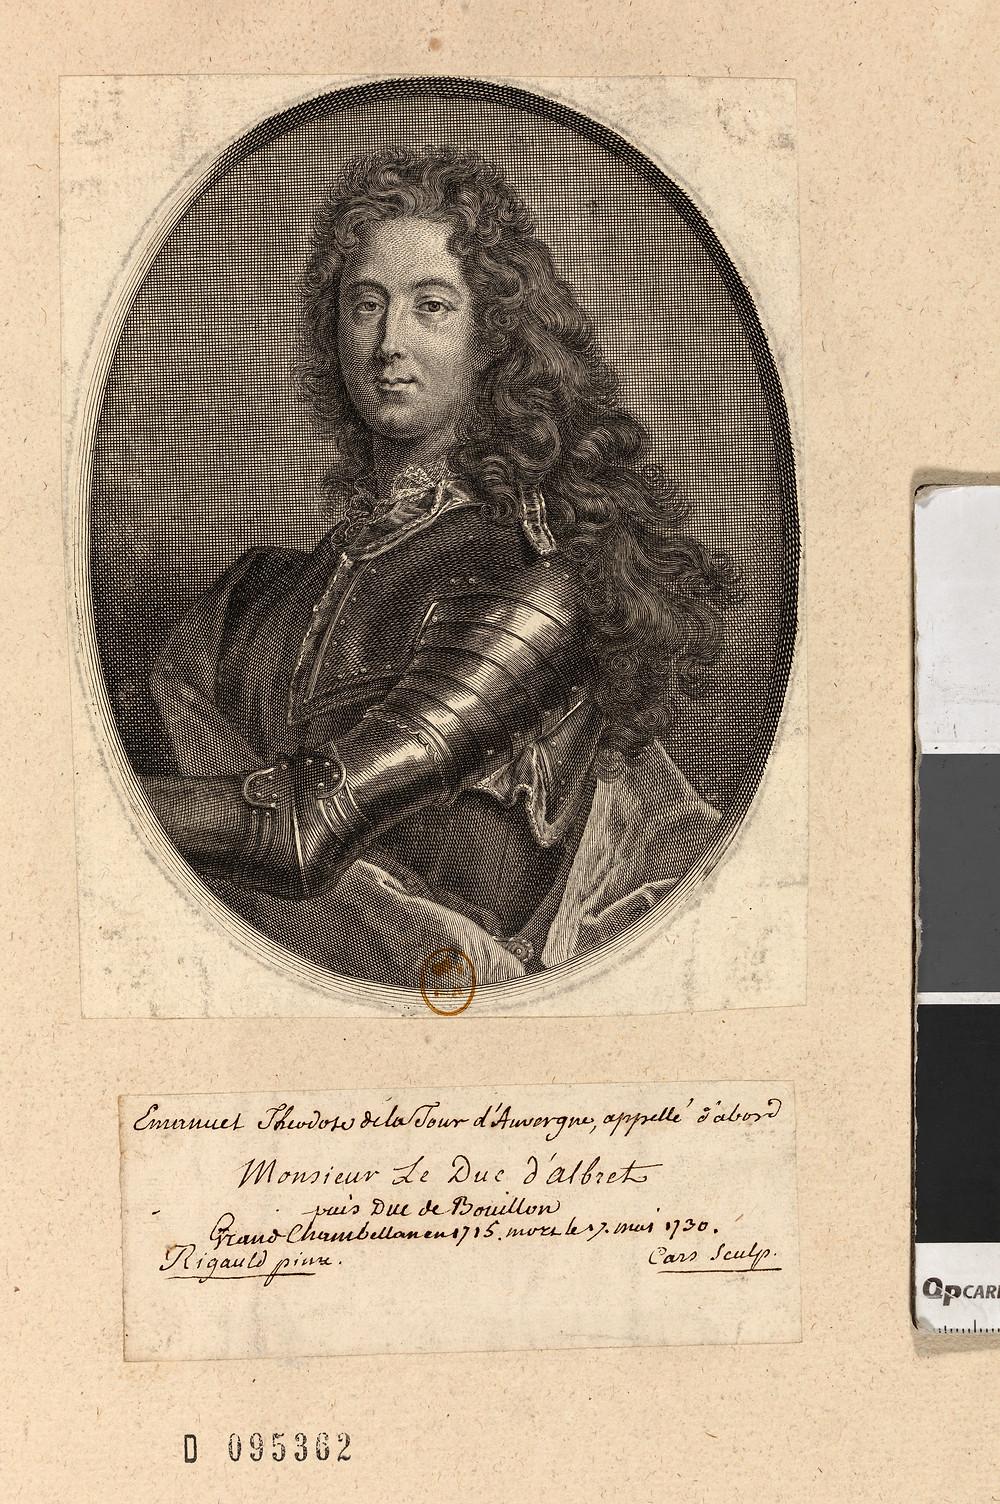 Jean François Cars d'après Hyacinthe Rigaud, Portrait d'Emmanuel Théodose de La Tour d'Auvergne, duc d'Albret, vers 1730, Paris, BnF, département des Estampes et de la photographie, N2